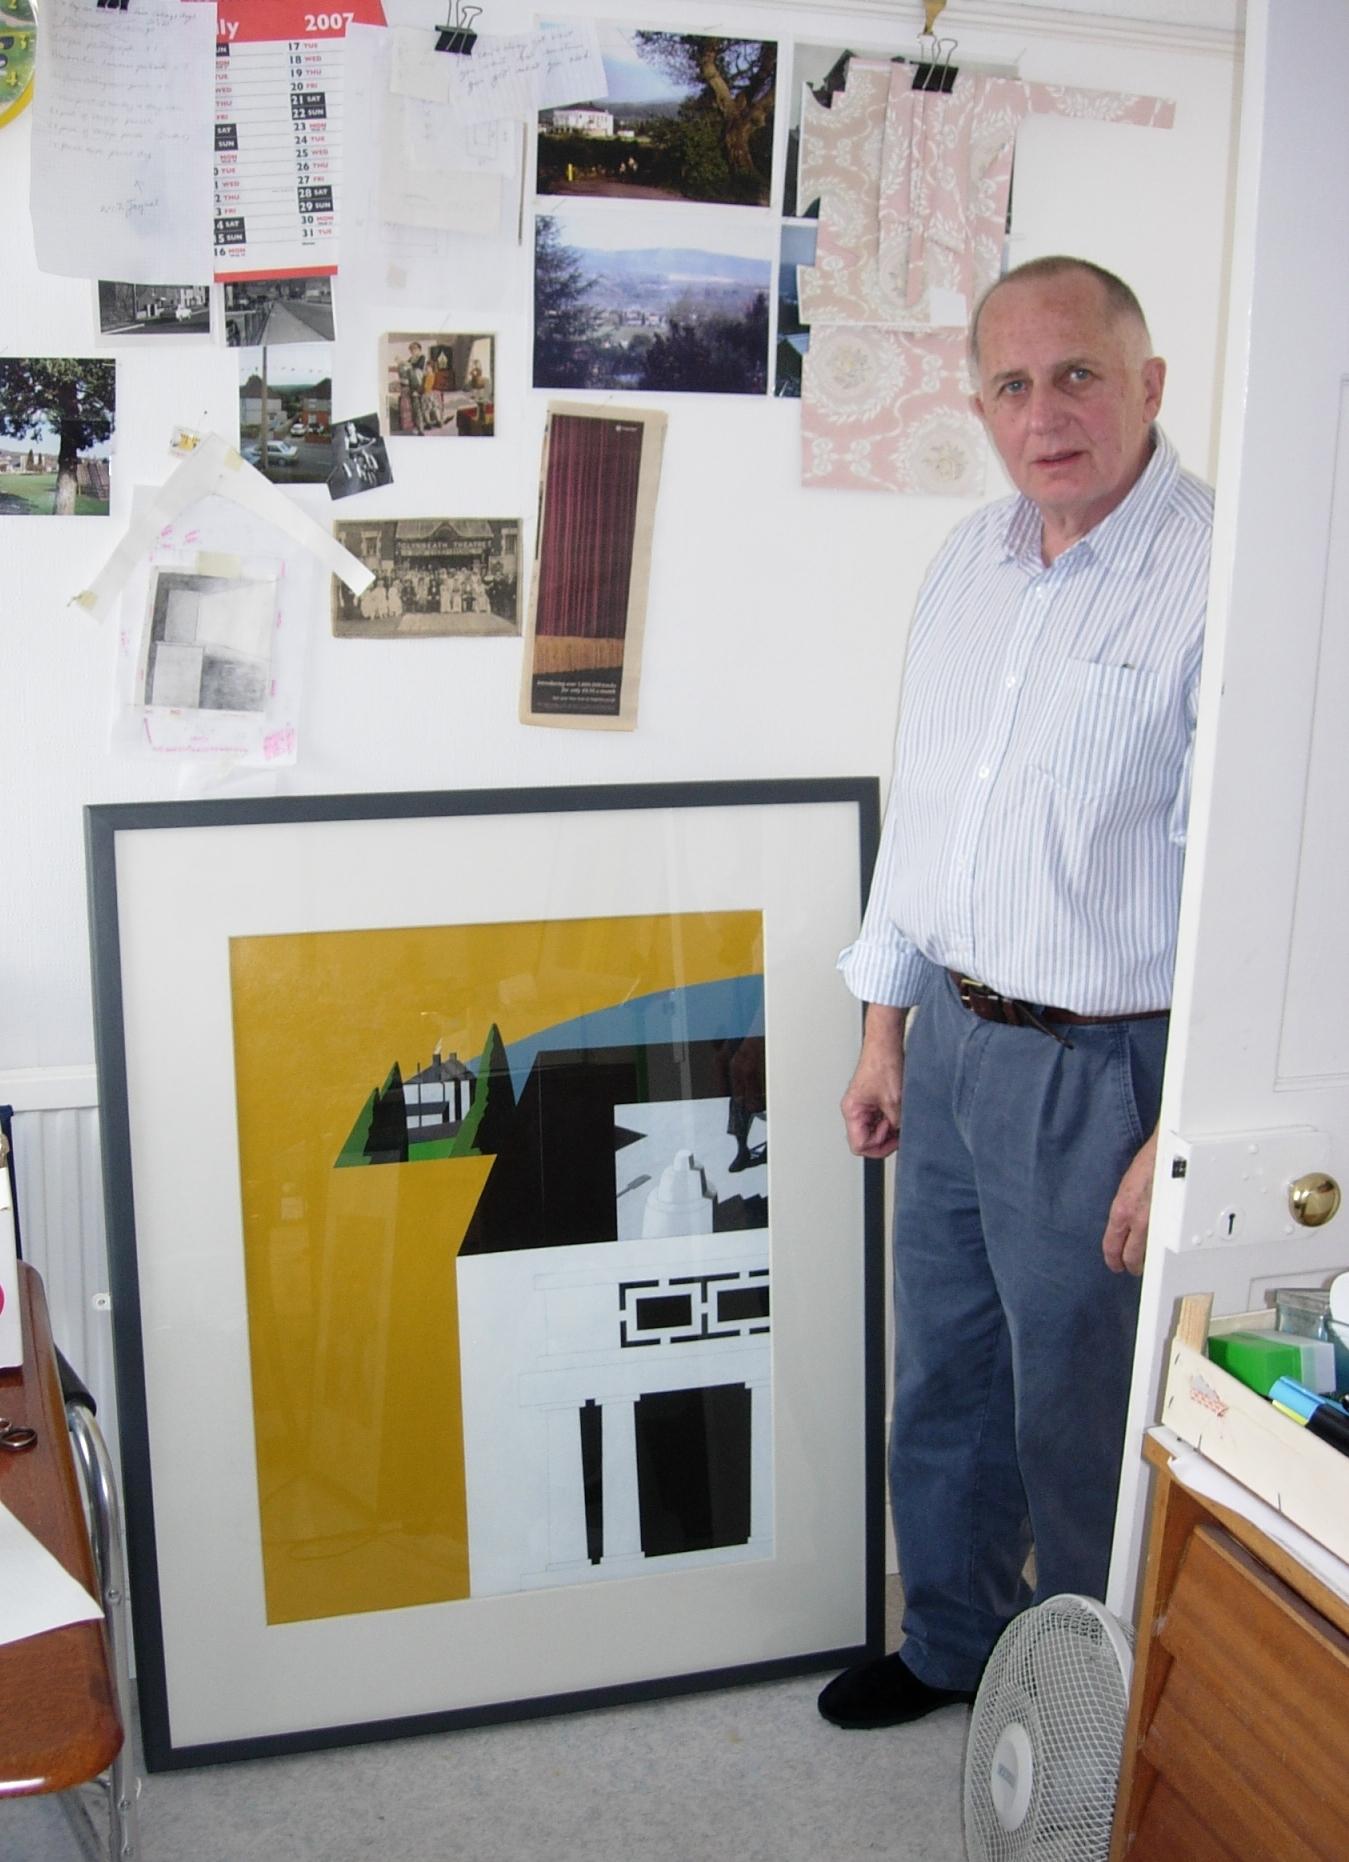 Ken Elias in his studio, Glynneath, 6 August 2007